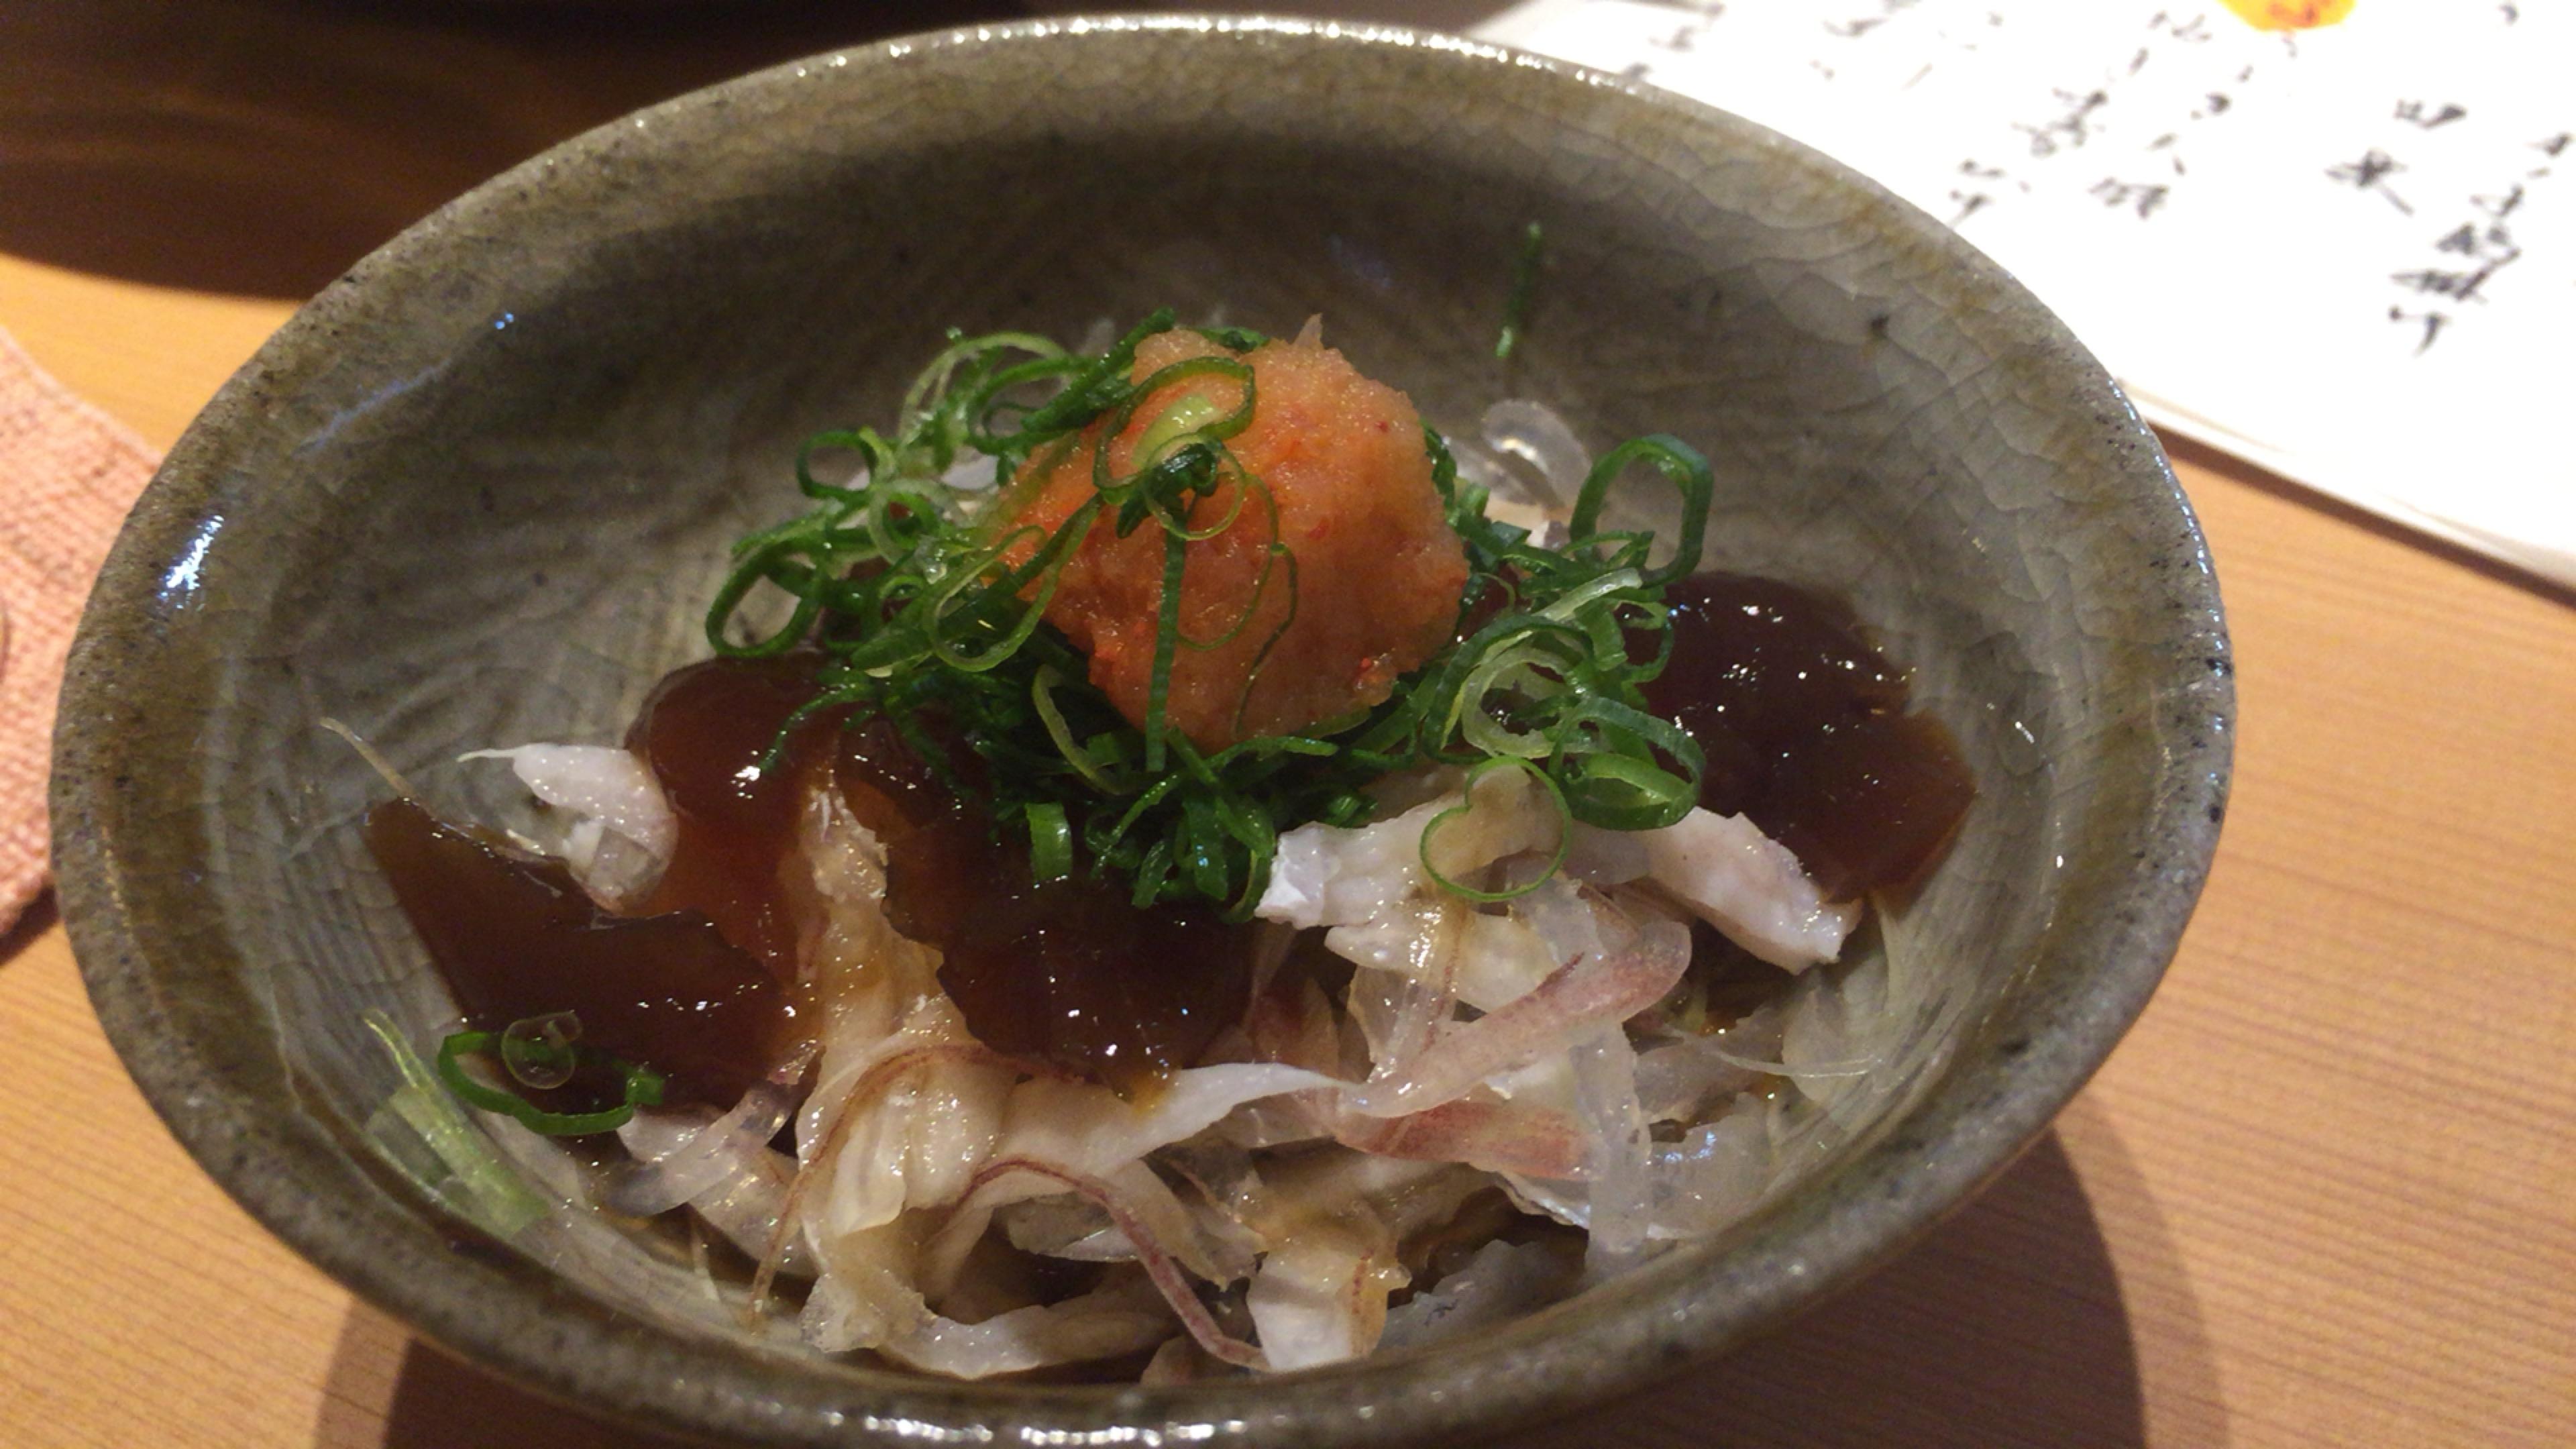 大阪ミナミの宗衛門町にある小料理・割烹『旬草hide』てっぴ